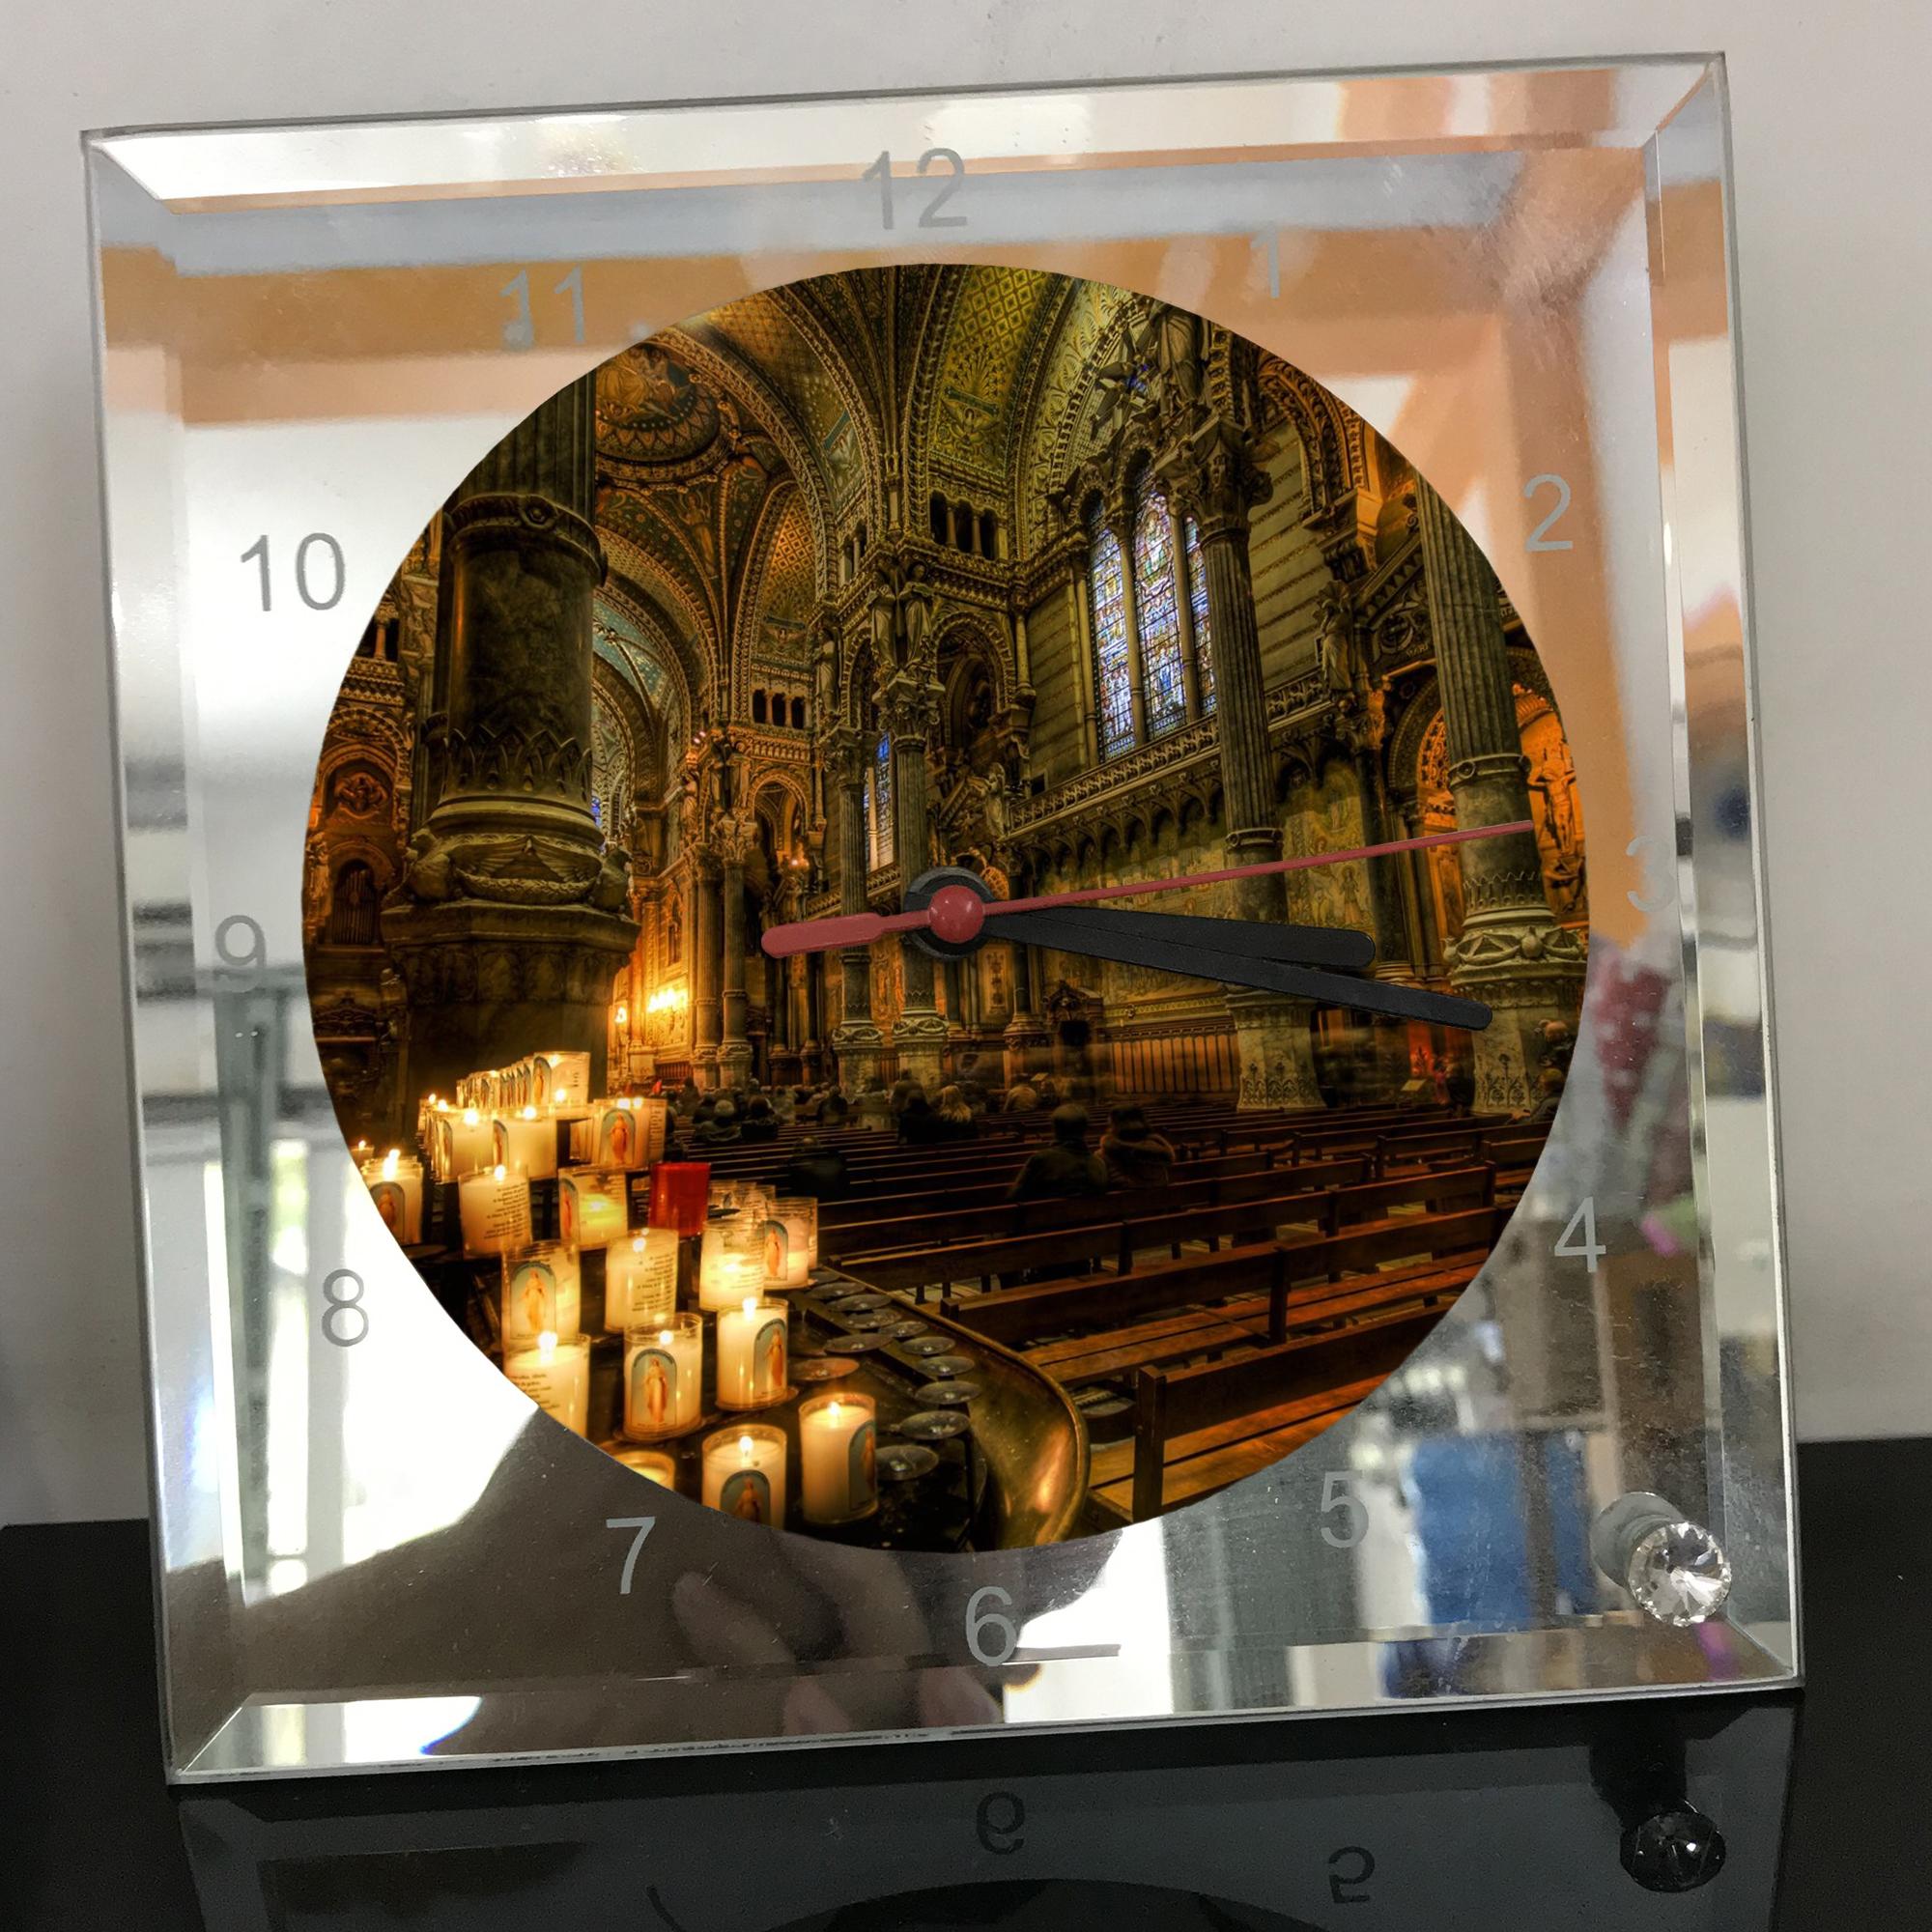 Đồng hồ thủy tinh vuông 20x20 in hình Cathedral - nhà thờ chính tòa (15) . Đồng hồ thủy tinh để bàn trang trí đẹp chủ đề tôn giáo